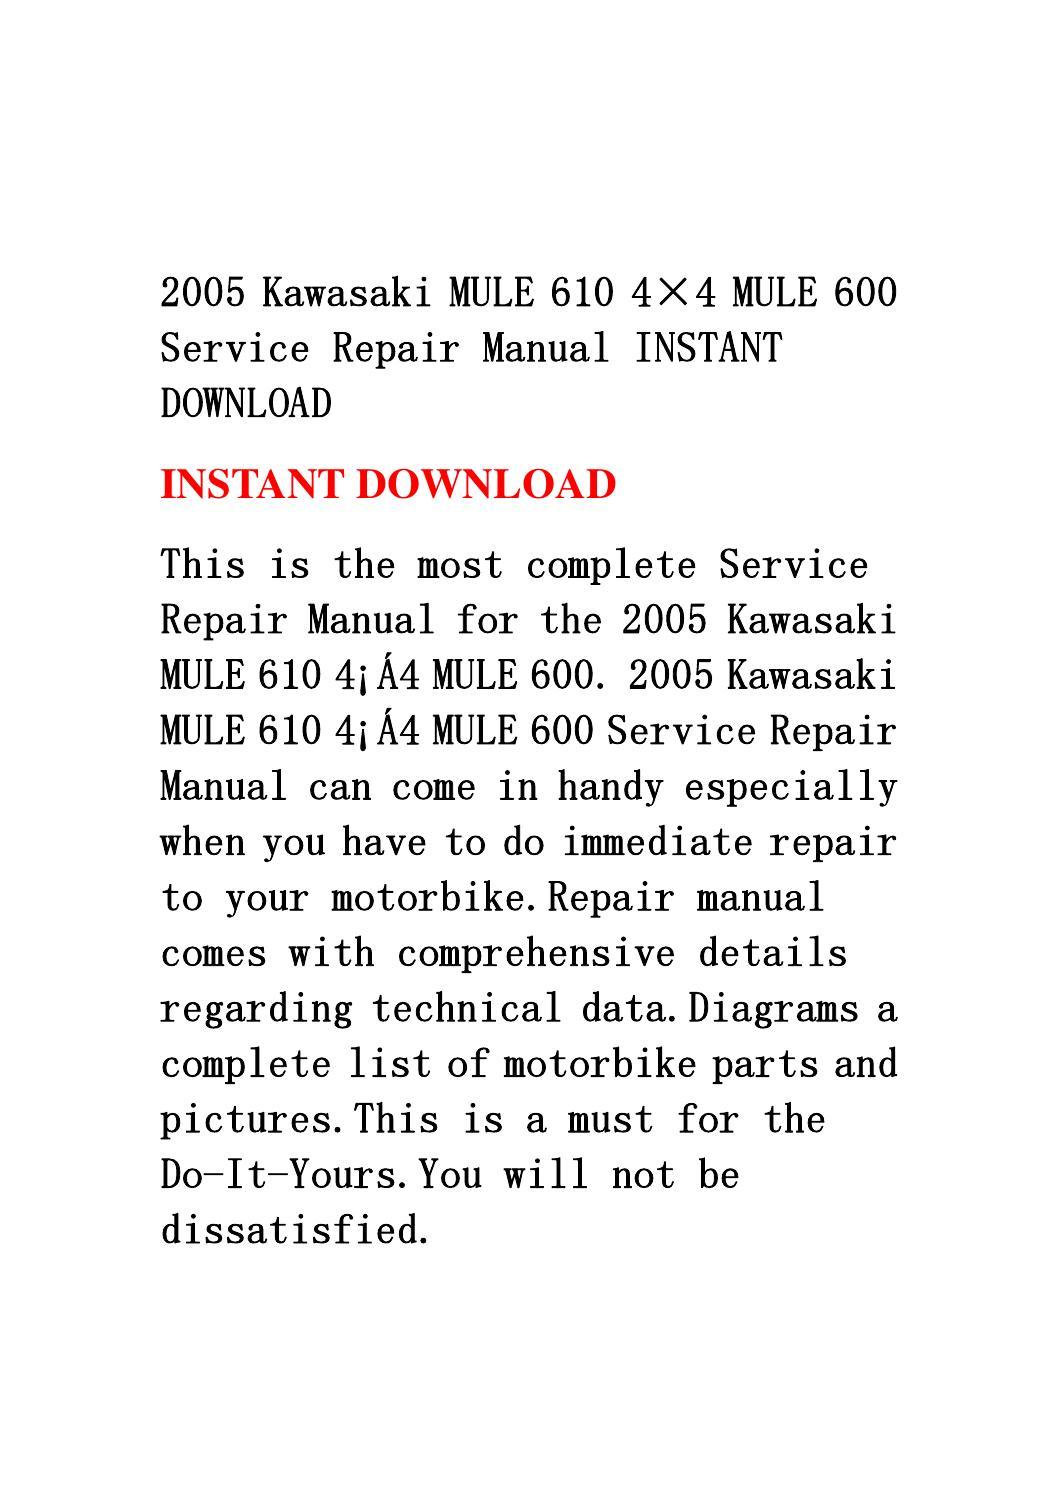 2005 Kawasaki Mule 610 4 U00d74 Mule 600 Service Repair Manual